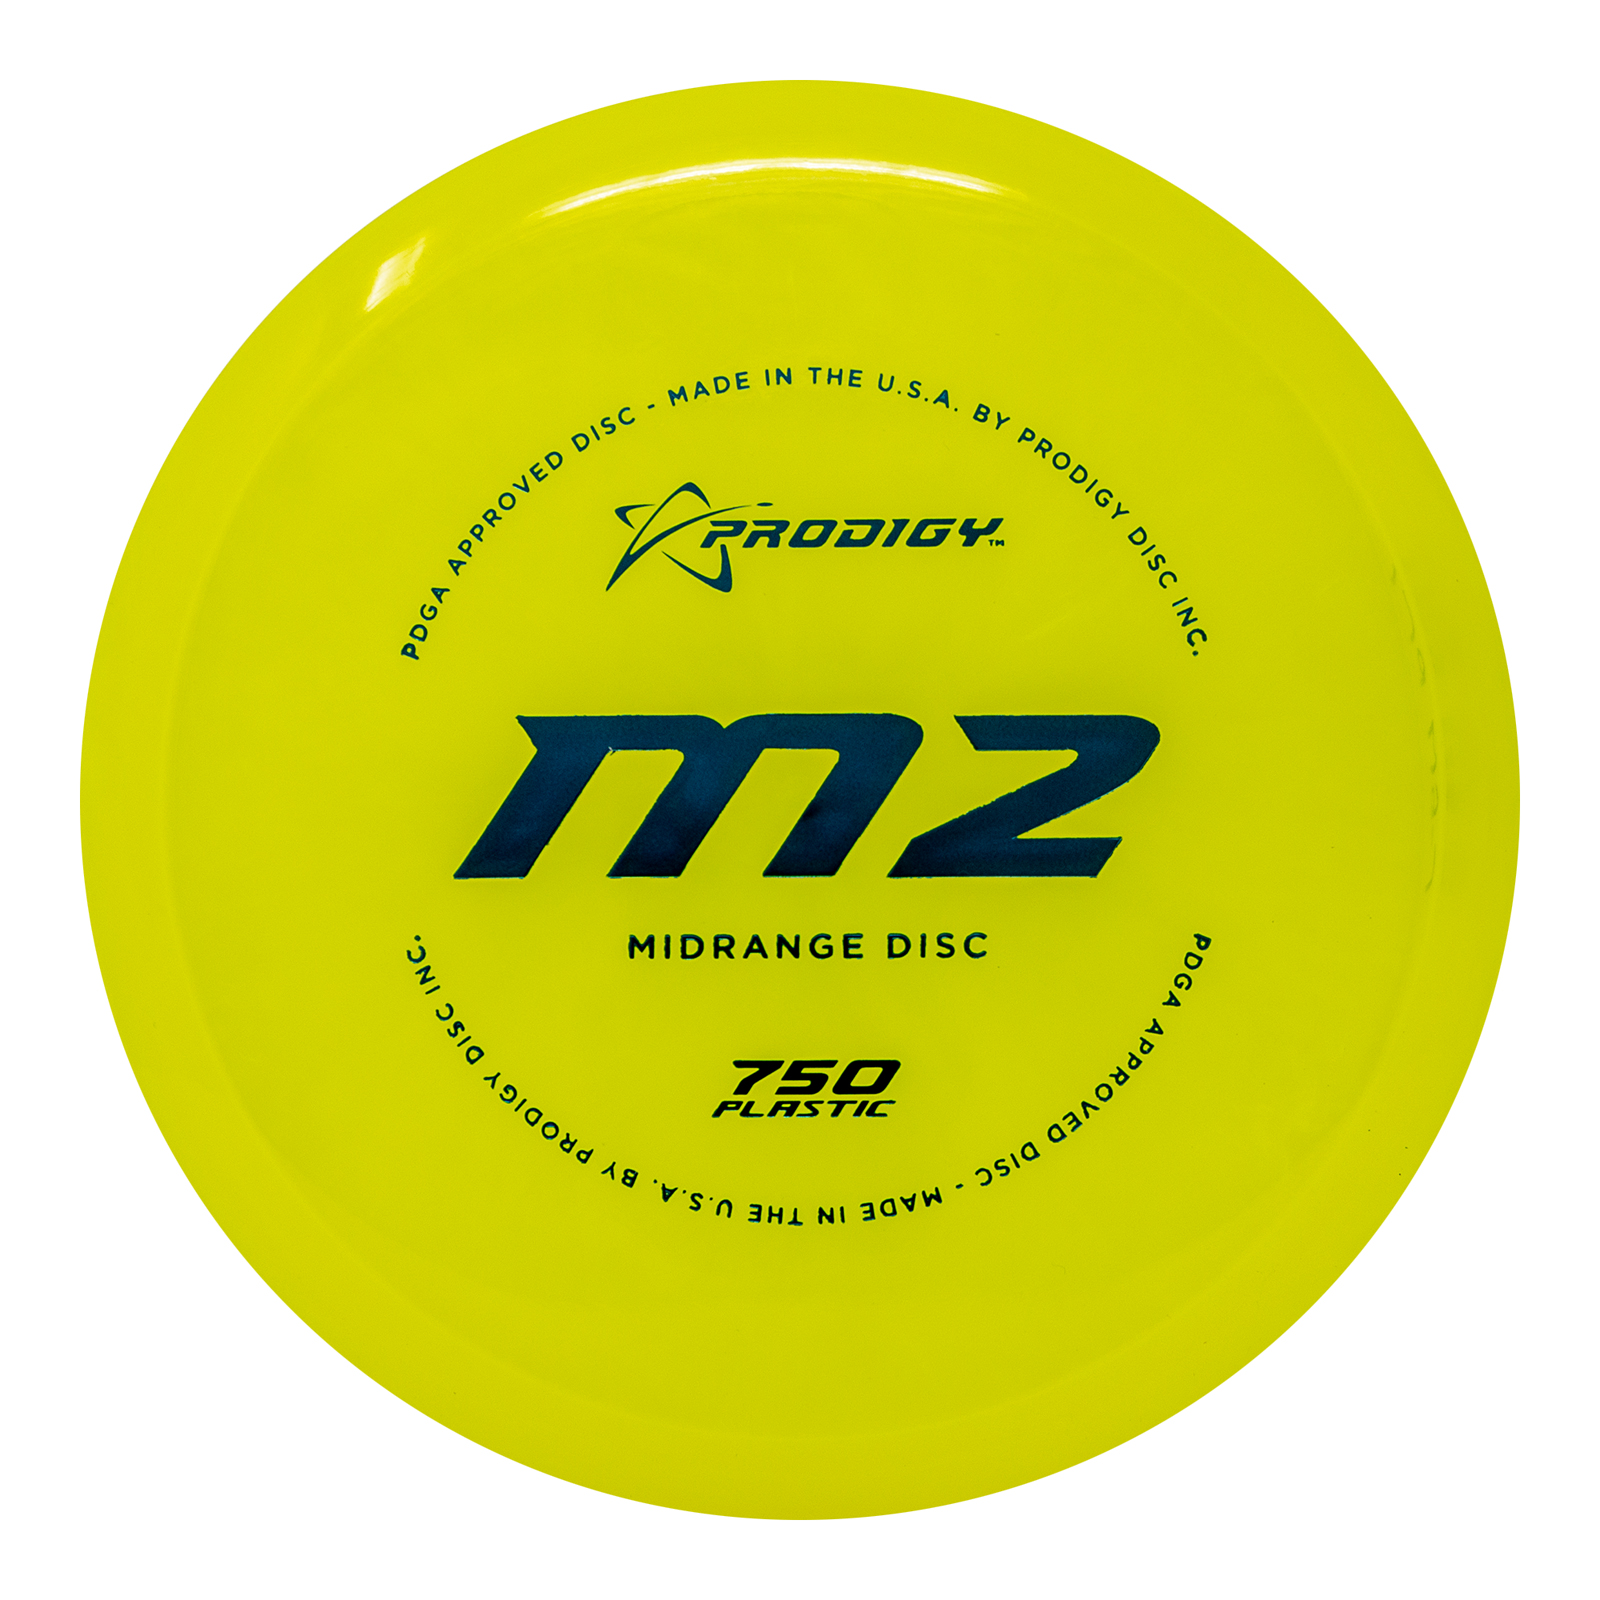 M2 - 750 PLASTIC